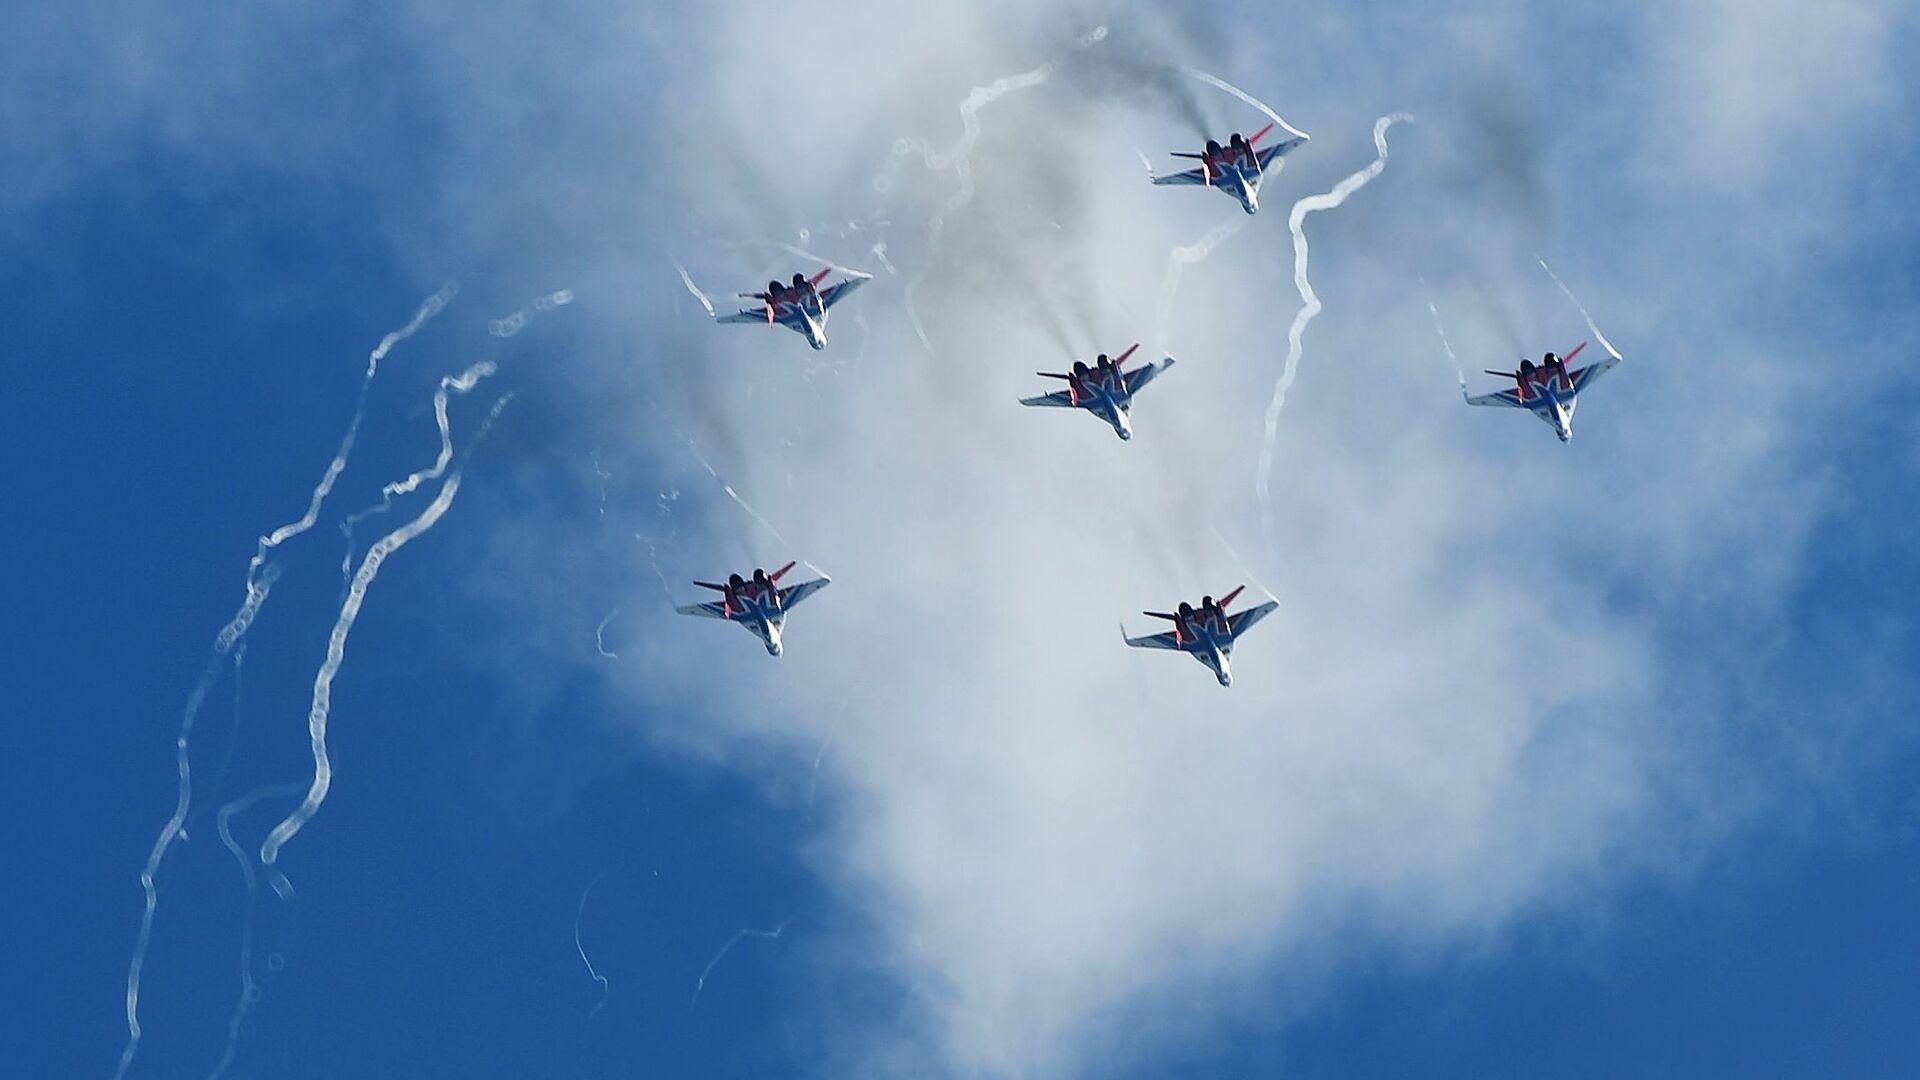 """Akrobatska grupa """"Striži"""" u lovcima MiG-29 na avio-spektaklu u čast Dana pobede na aerodromu Kubinka - Sputnik Srbija, 1920, 16.07.2021"""